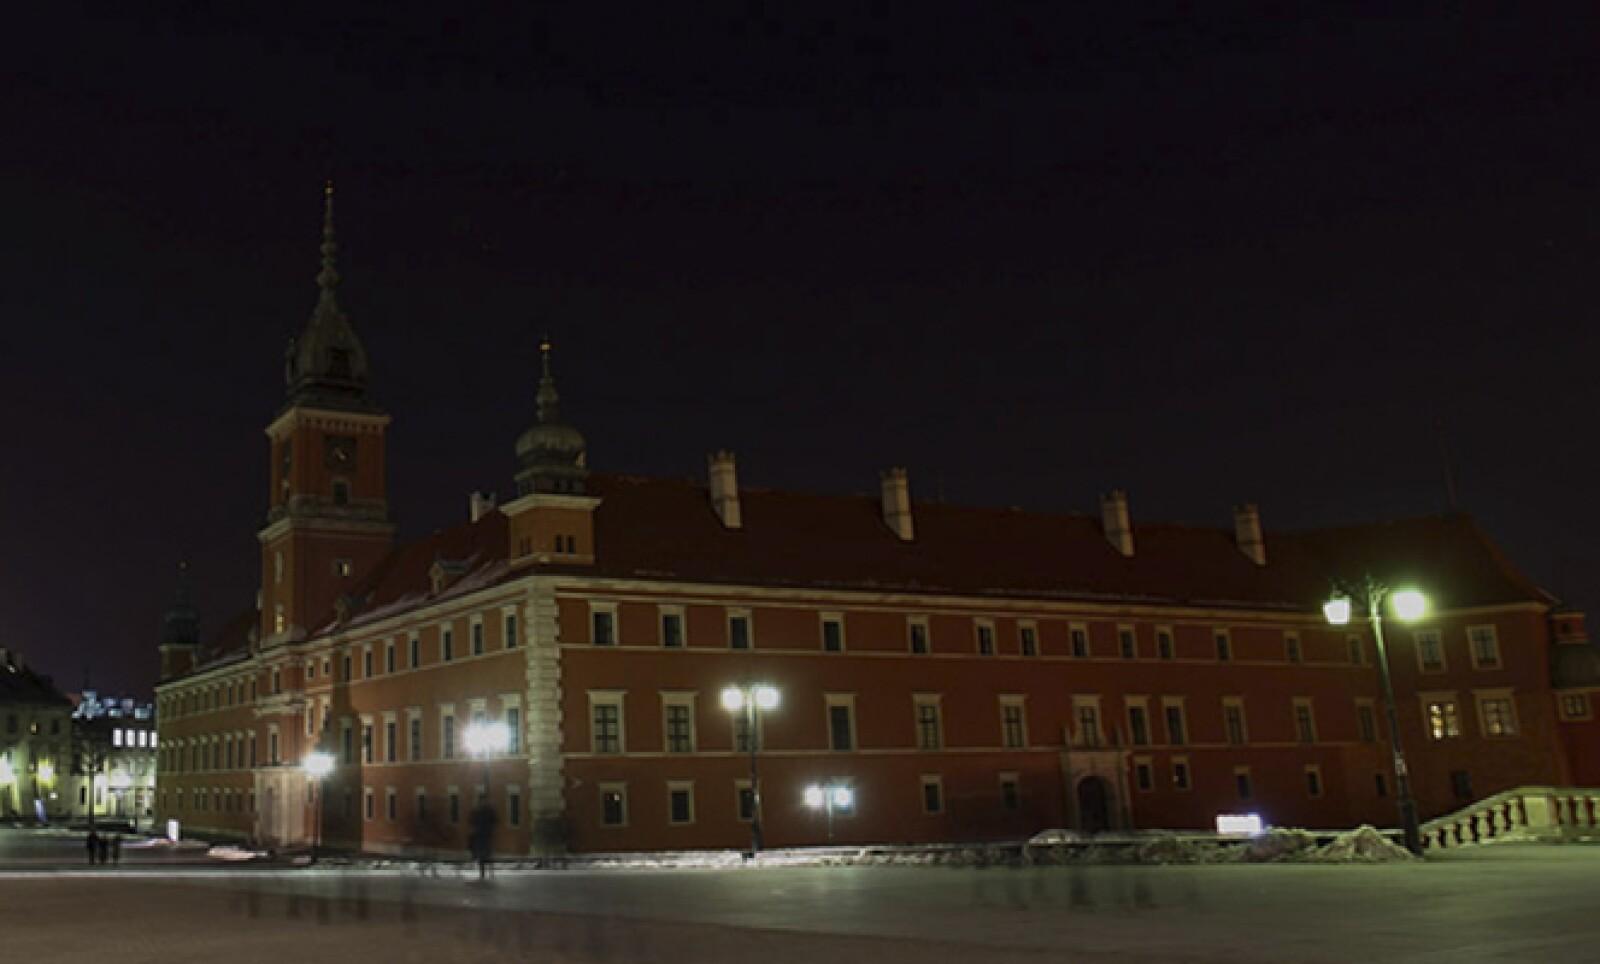 Vista del castillo real de Varsovia. El proyecto que surgió hace cinco años comienza a arrojar resultados ambientales en el mundo.